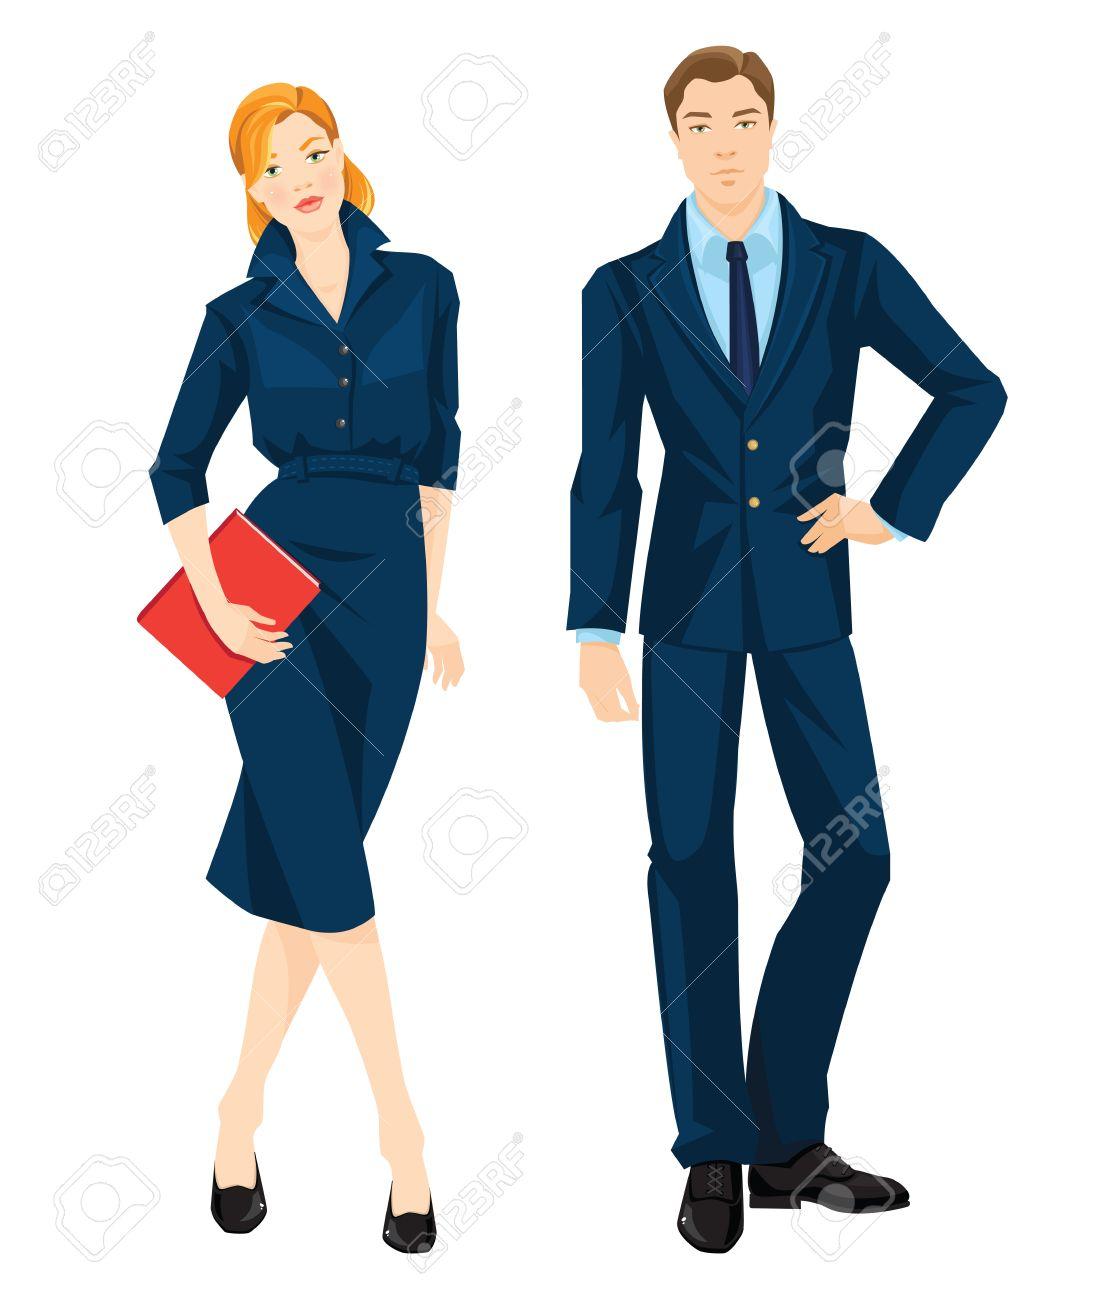 f9e7a3b33 Ilustración del vector de código de vestimenta corporativa. Una mujer joven  pelirroja en el documento oficial vestido azul de explotación en su ...